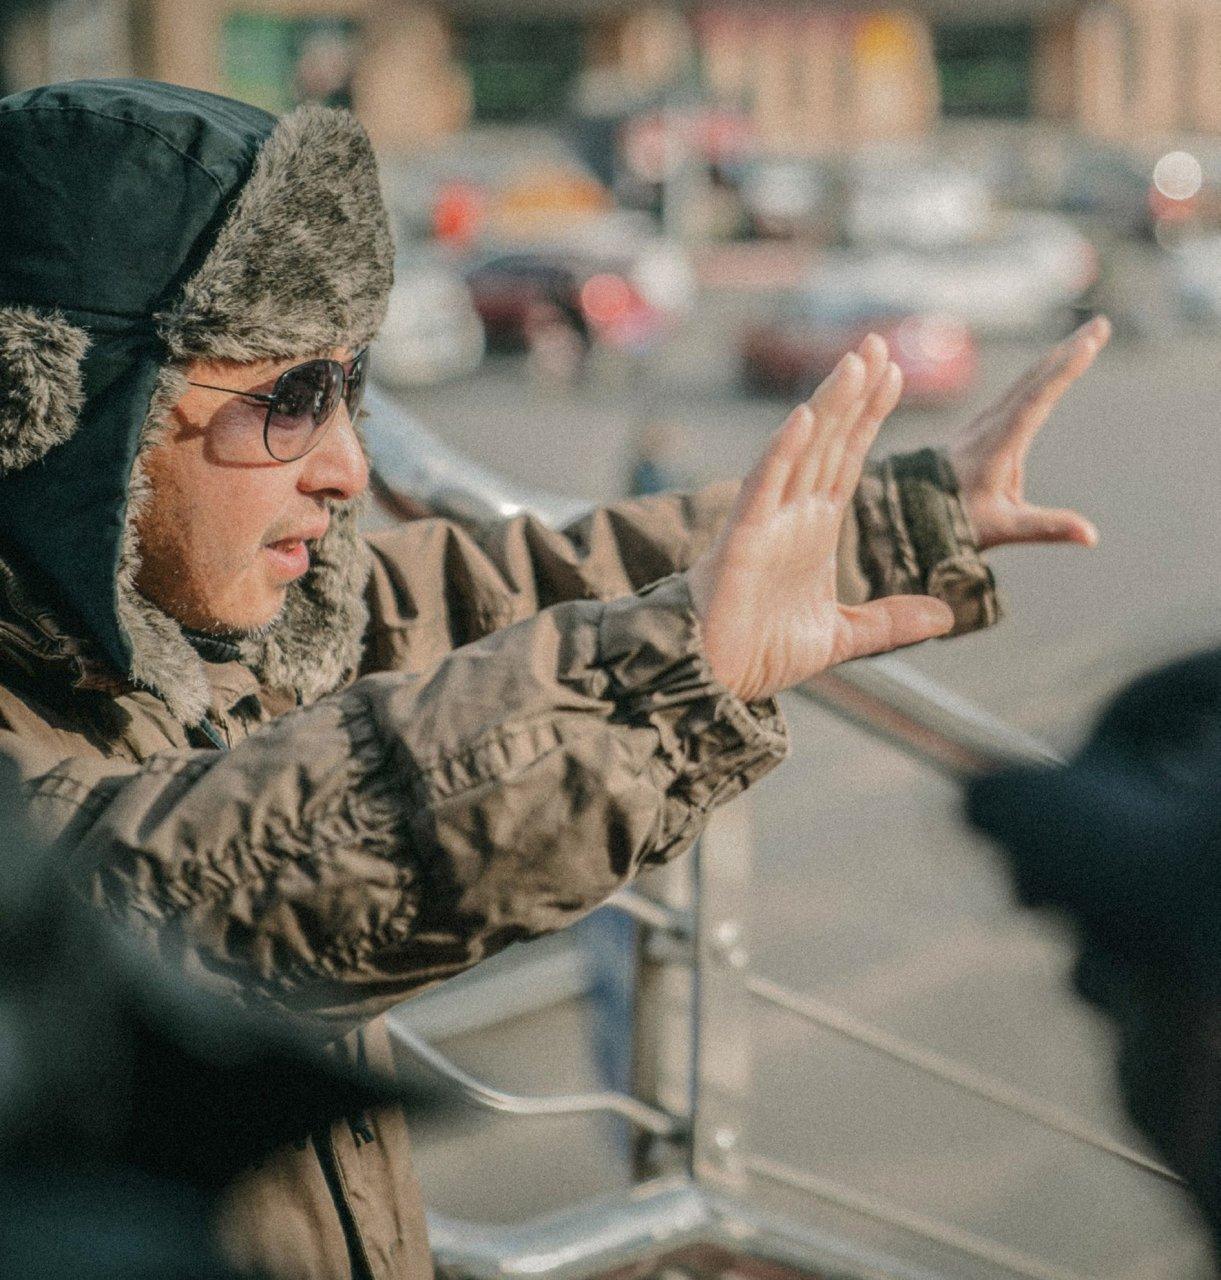 Πολυβραβευμένοι σκηνοθέτες από όλο τον κόσμο συμμετέχουν στο πρότζεκτ του Φεστιβάλ «Χώροι #2»